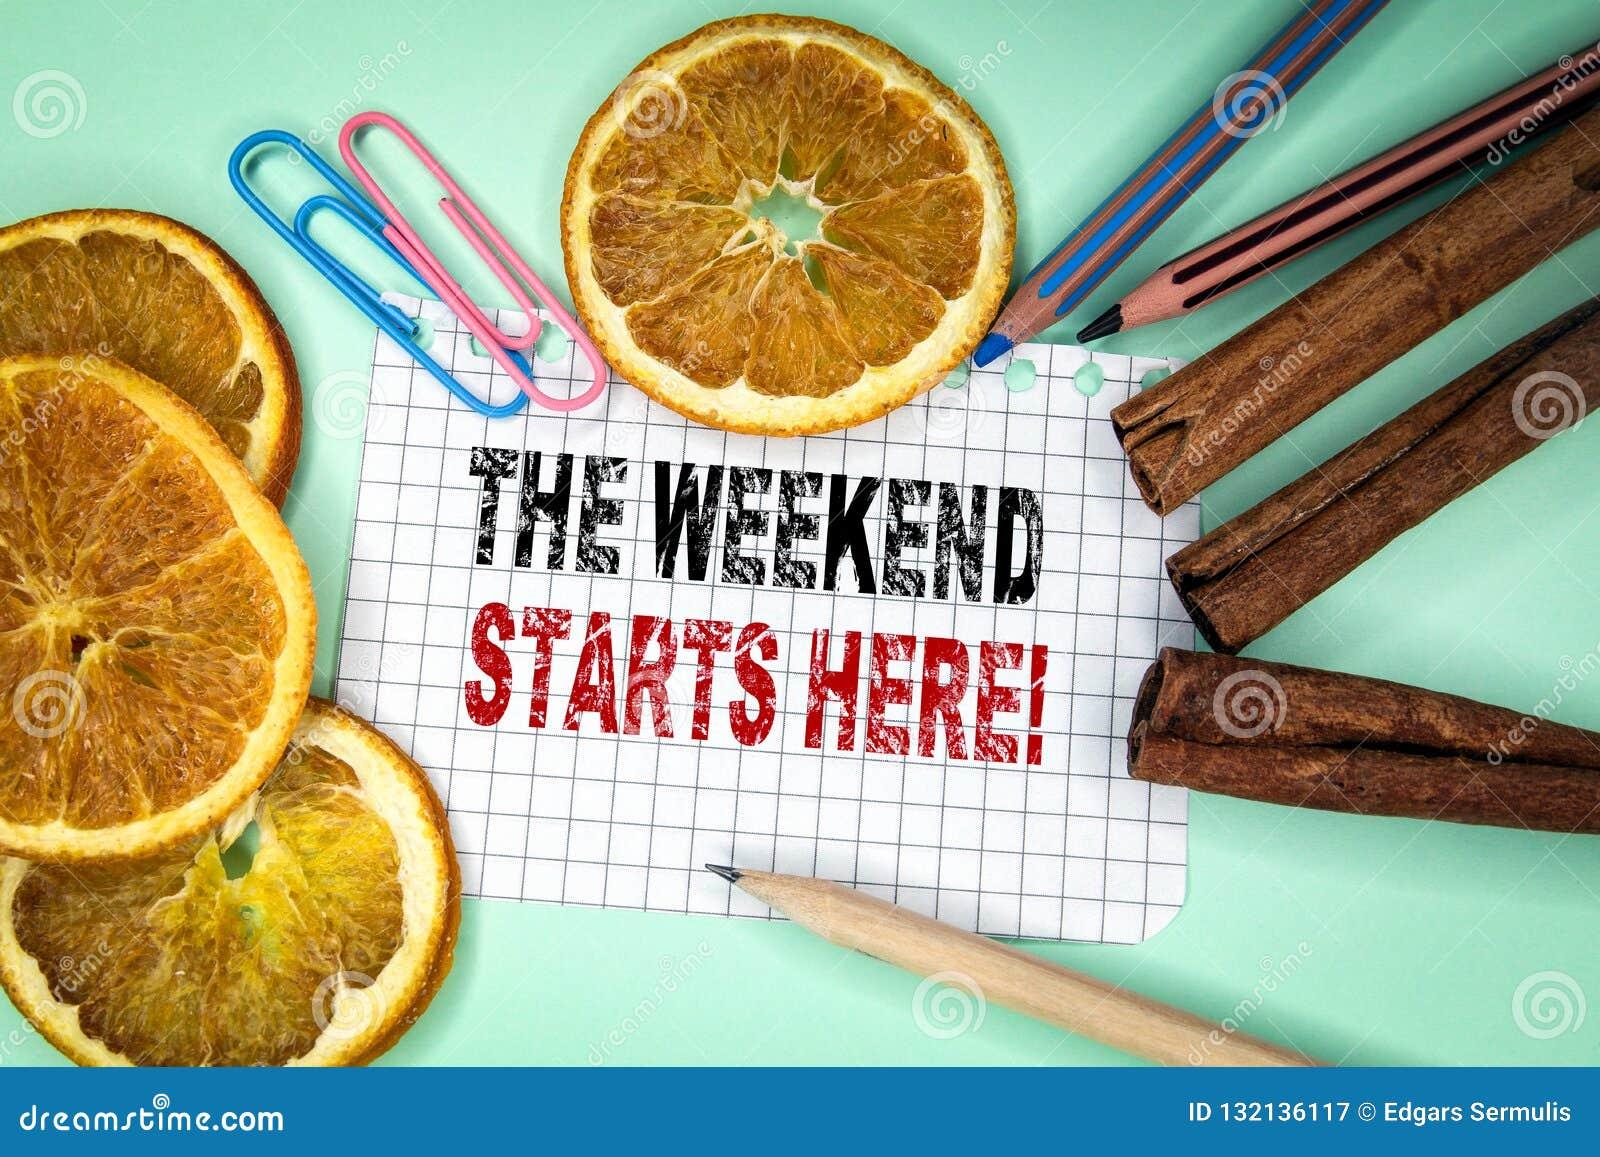 Il fine settimana comincia qui